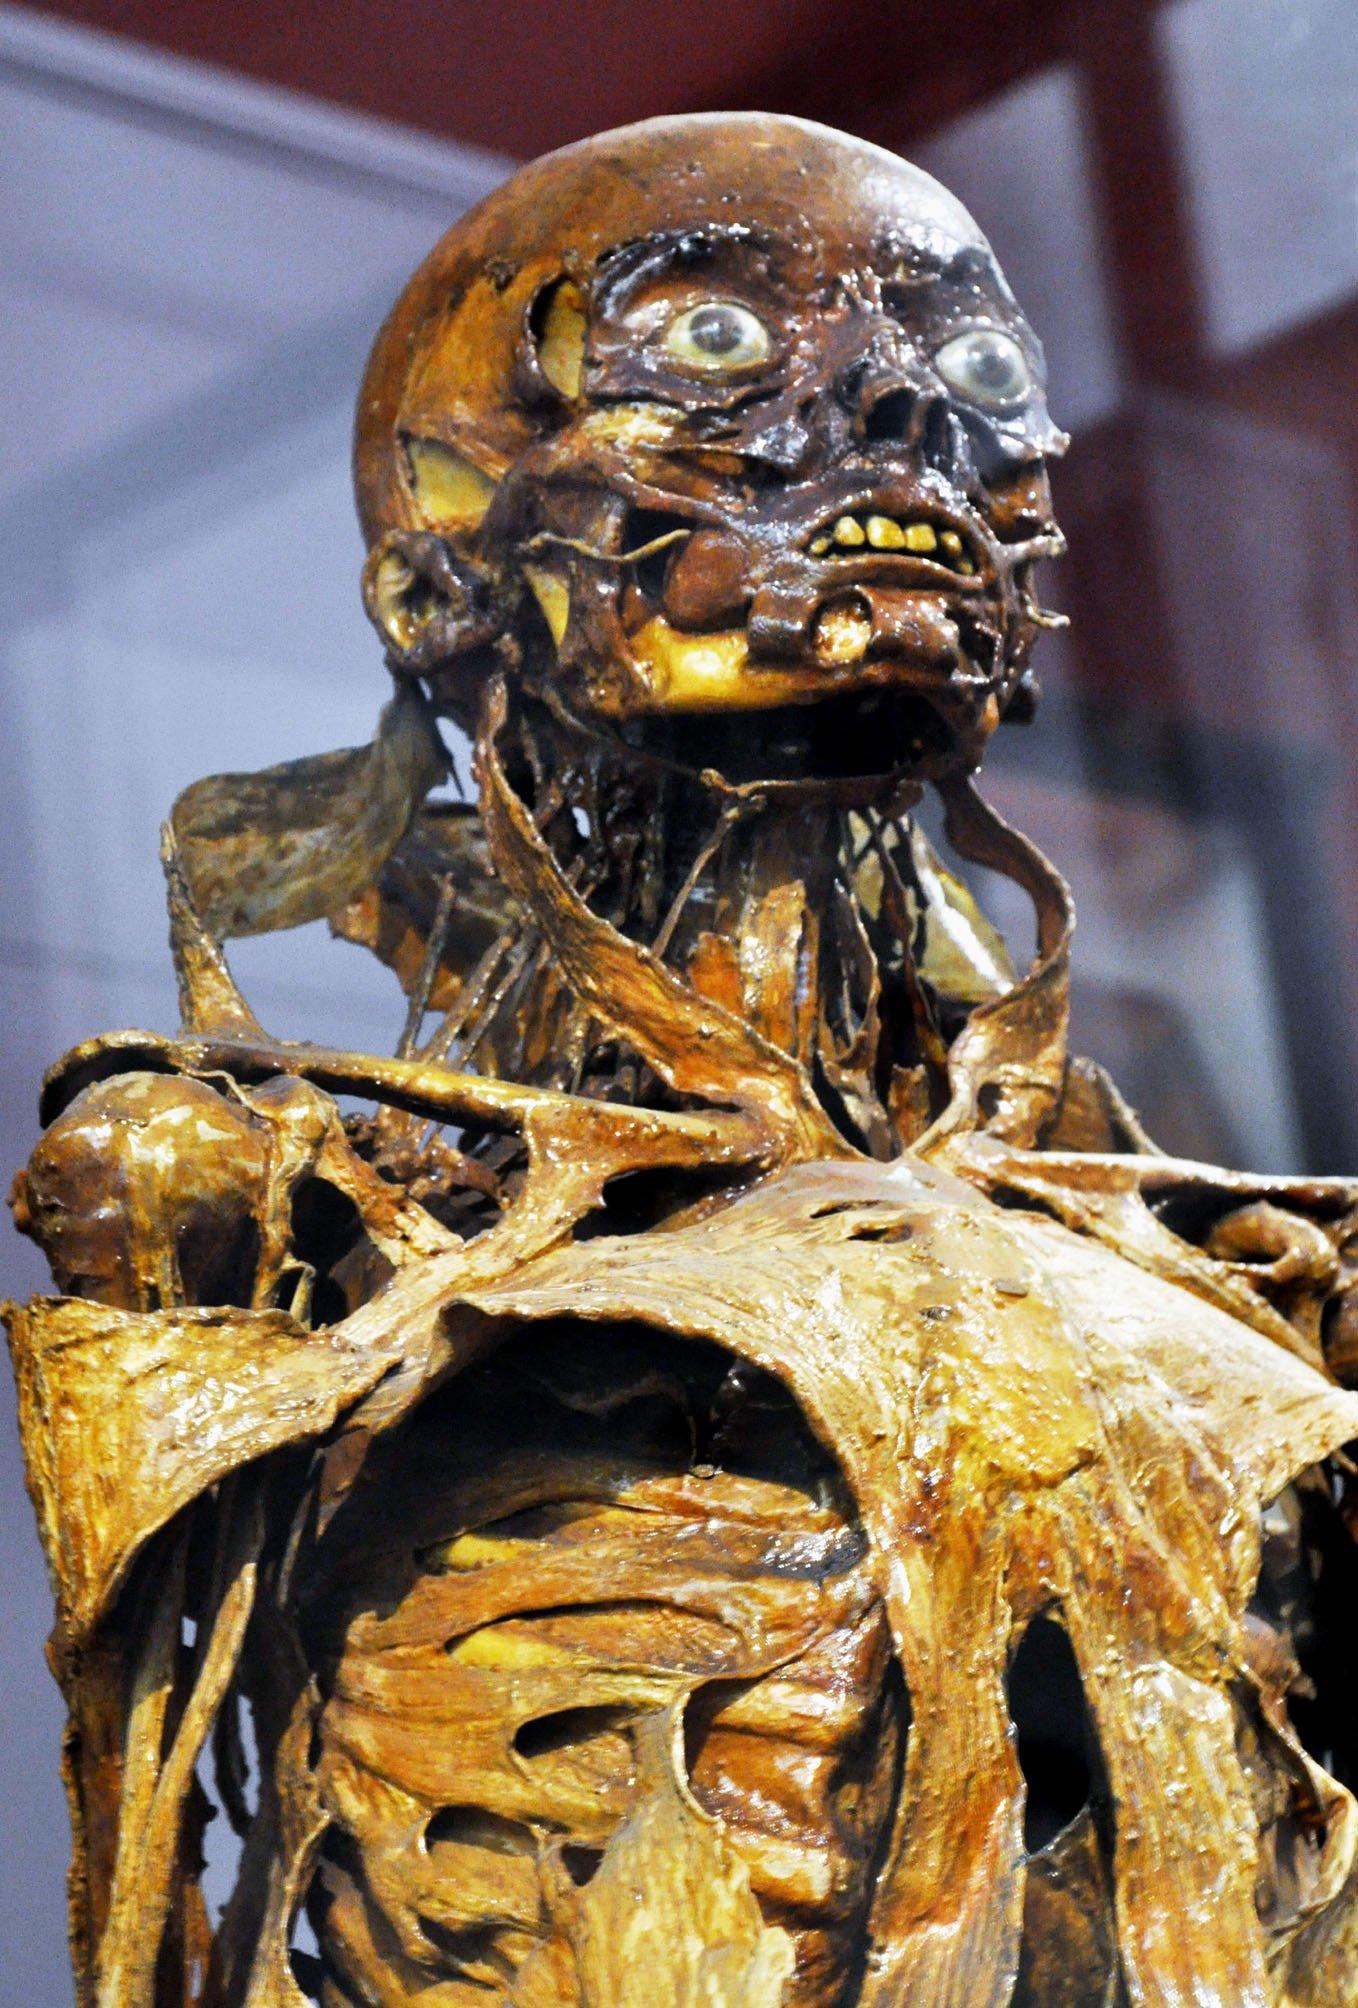 Visite du mus e fragonard miroir de mon regard - Fragonard musee paris ...